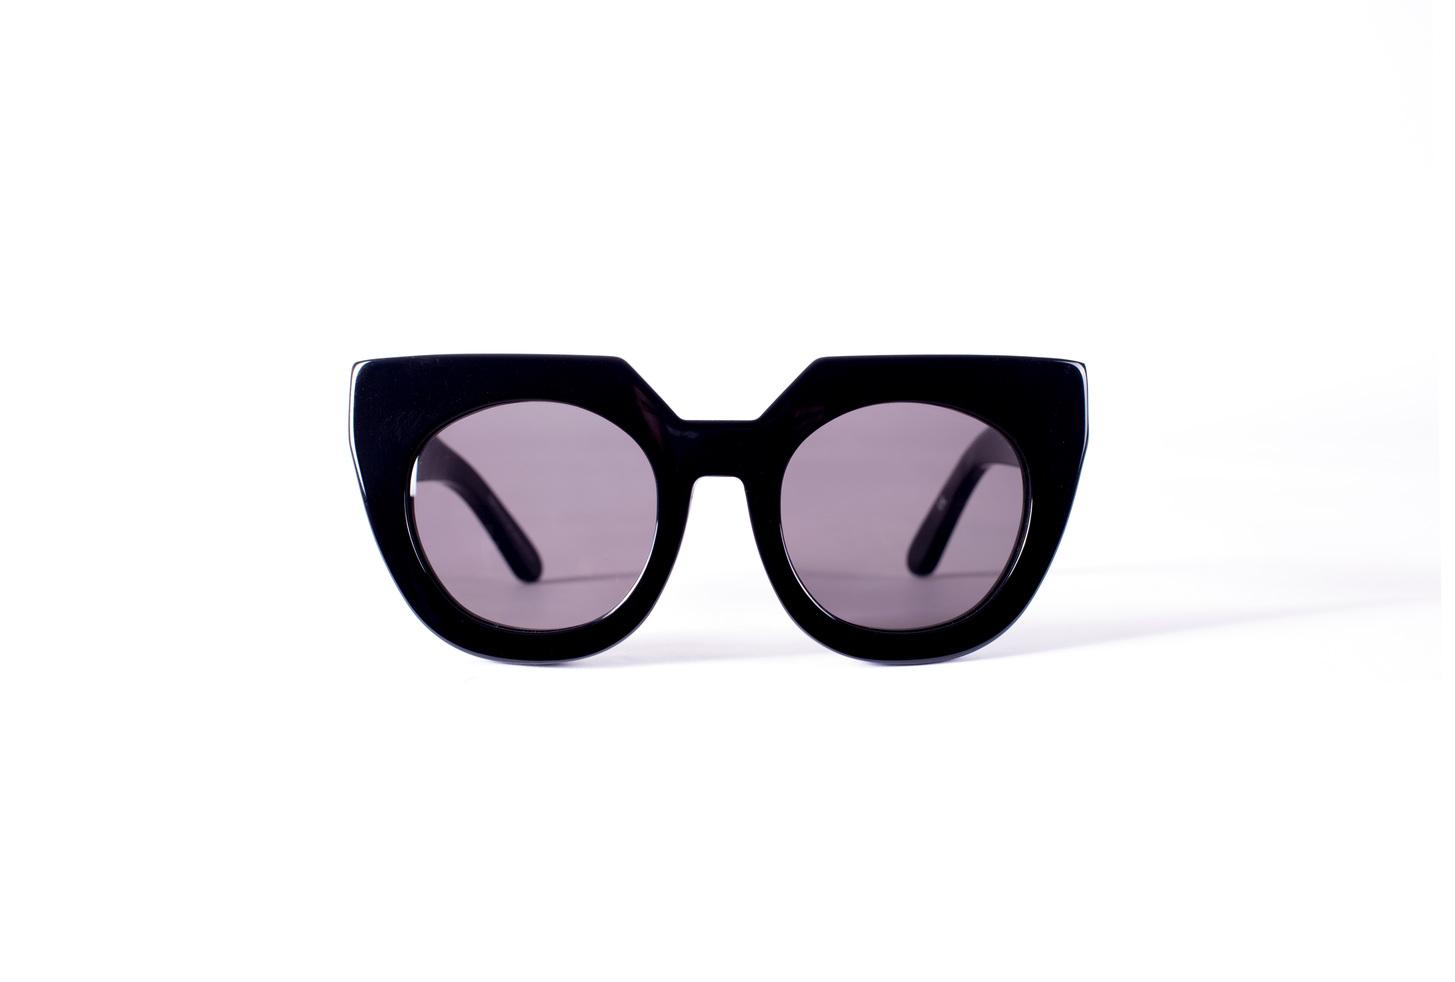 Sunglasses Valley eyewear gafas de sol -Óptica Gran Vía Barcelona